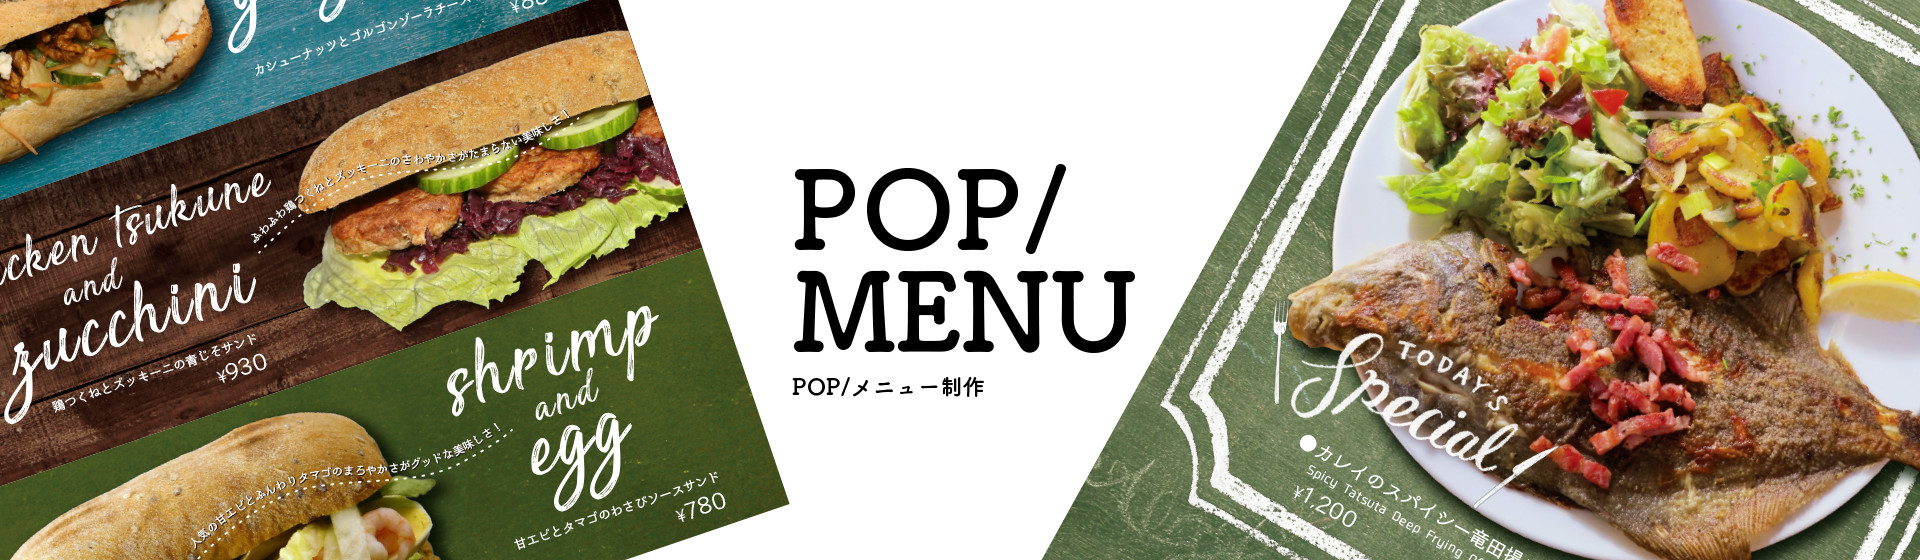 POP/メニュー制作